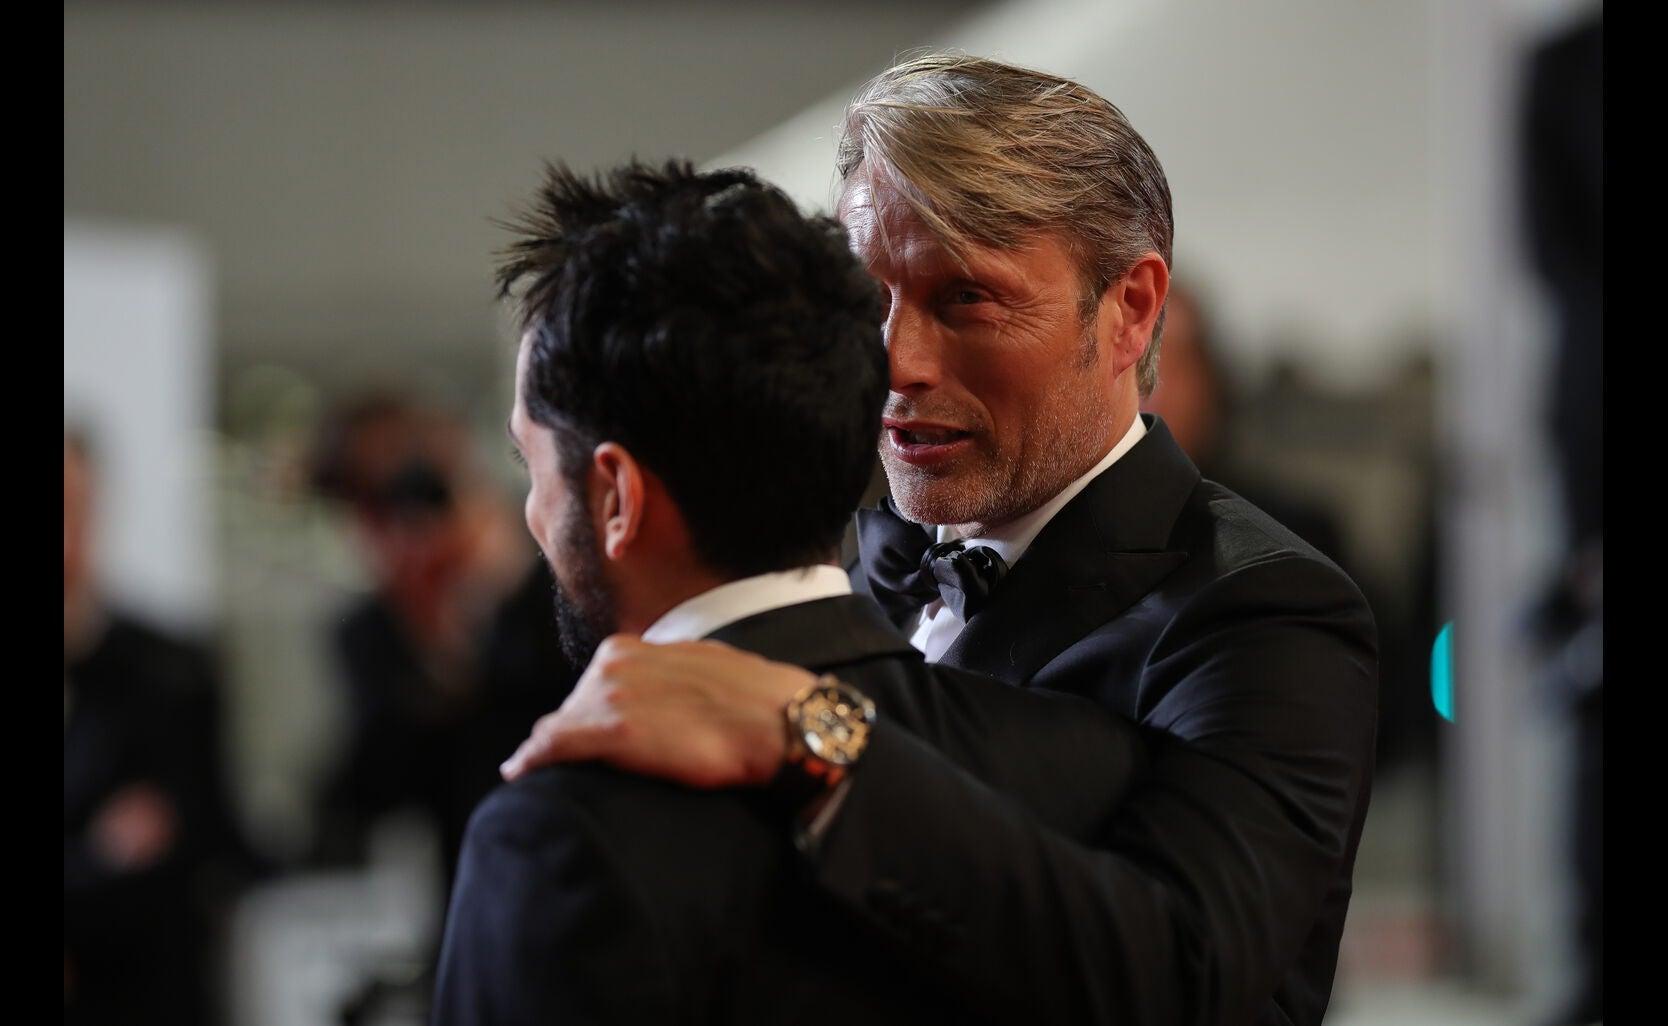 Mads Mikkelsen in Cannes 2018